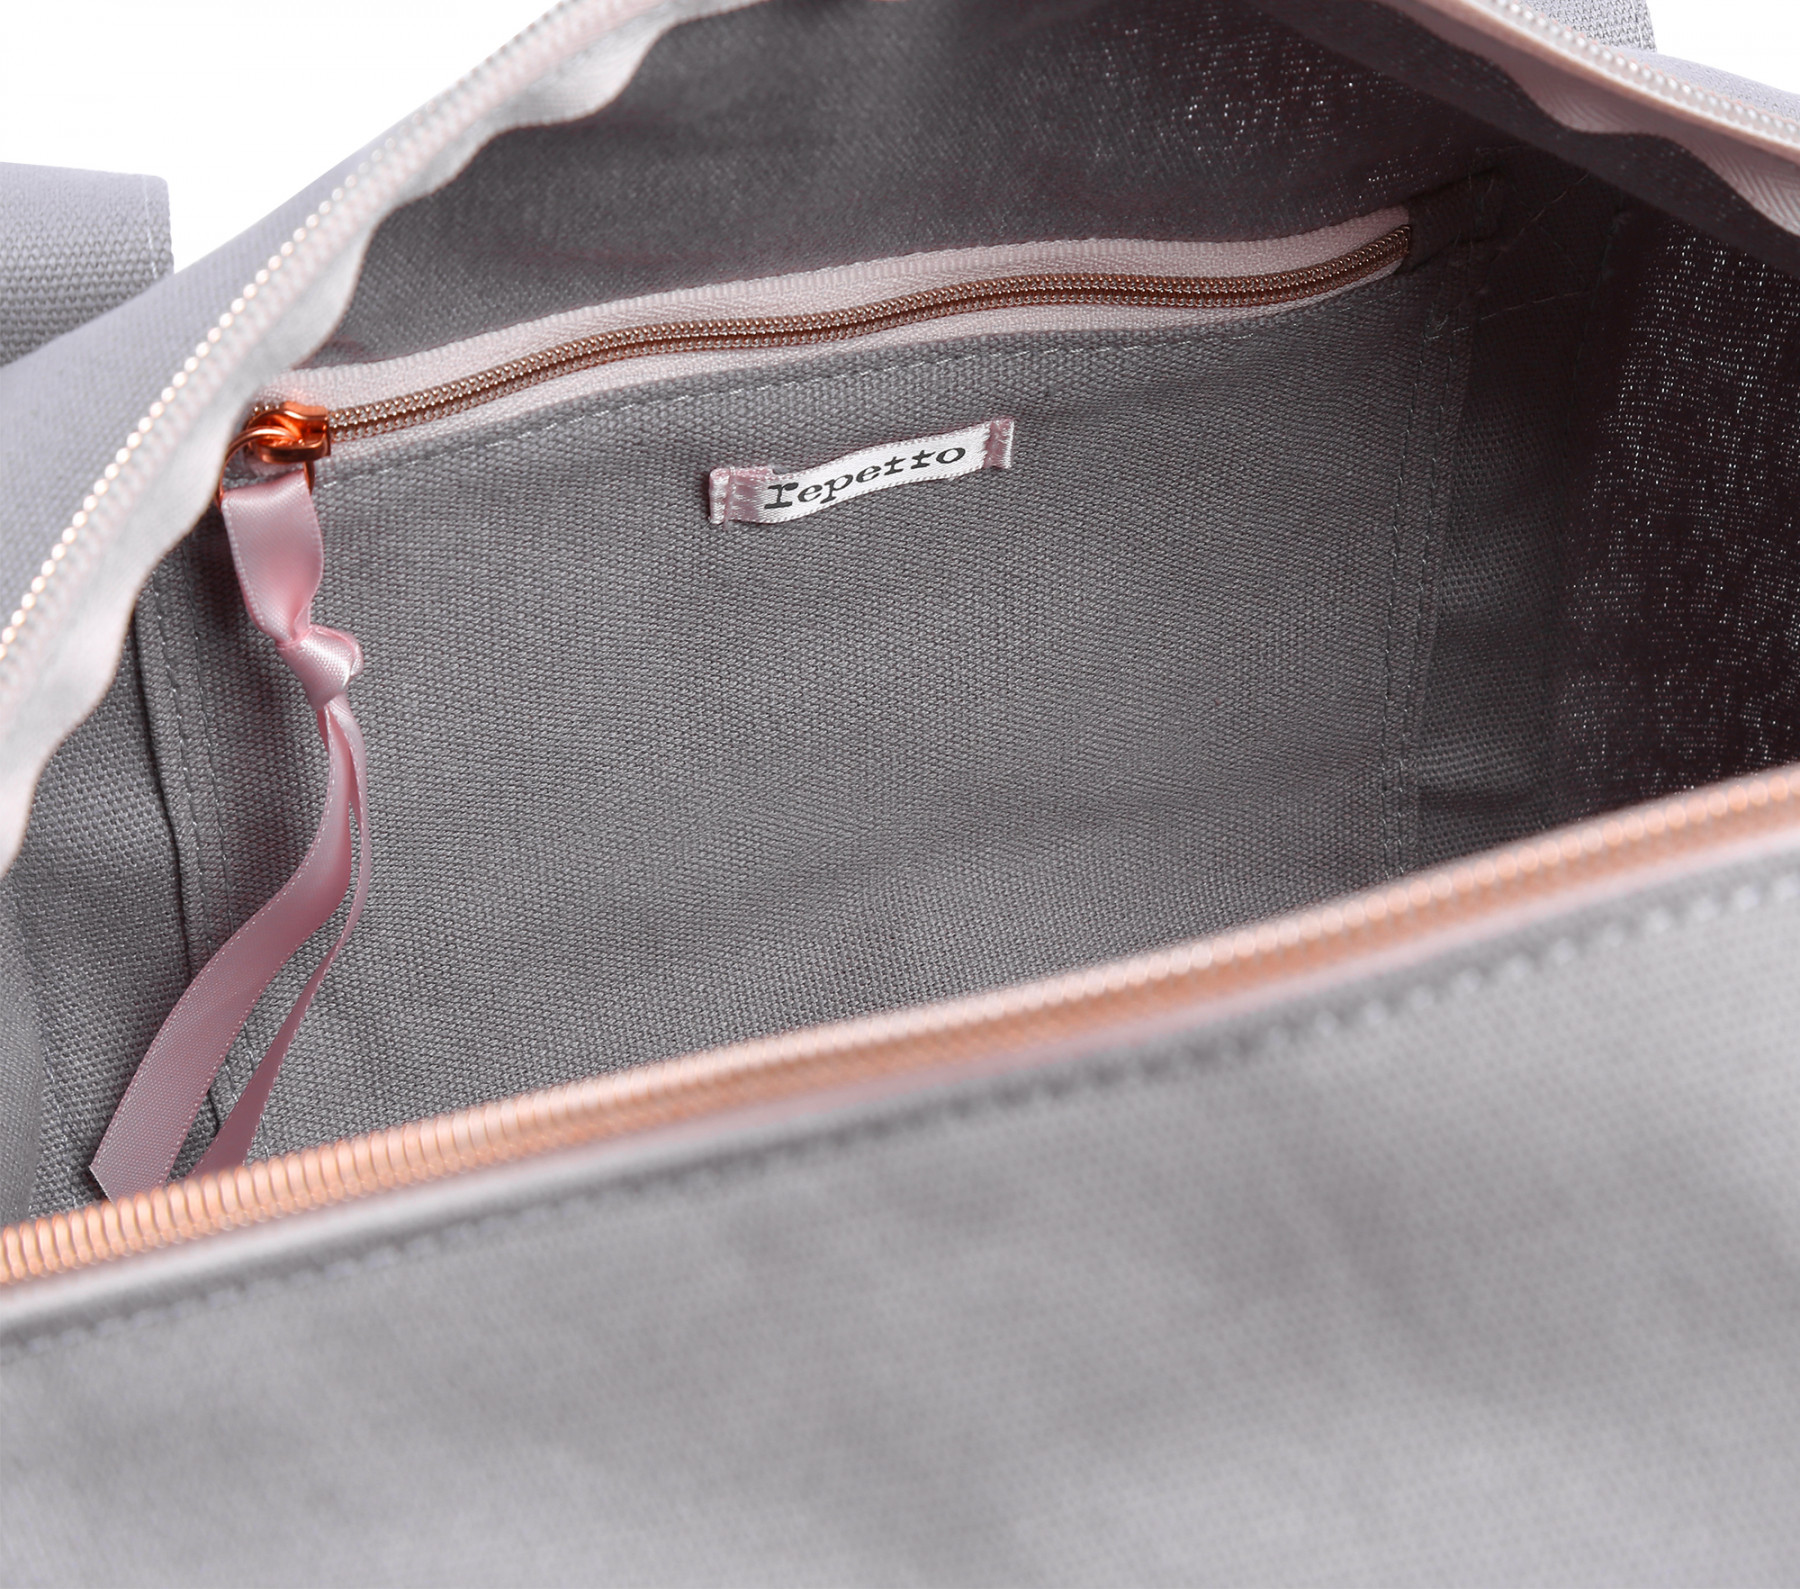 Cotton Duffle bag Size M